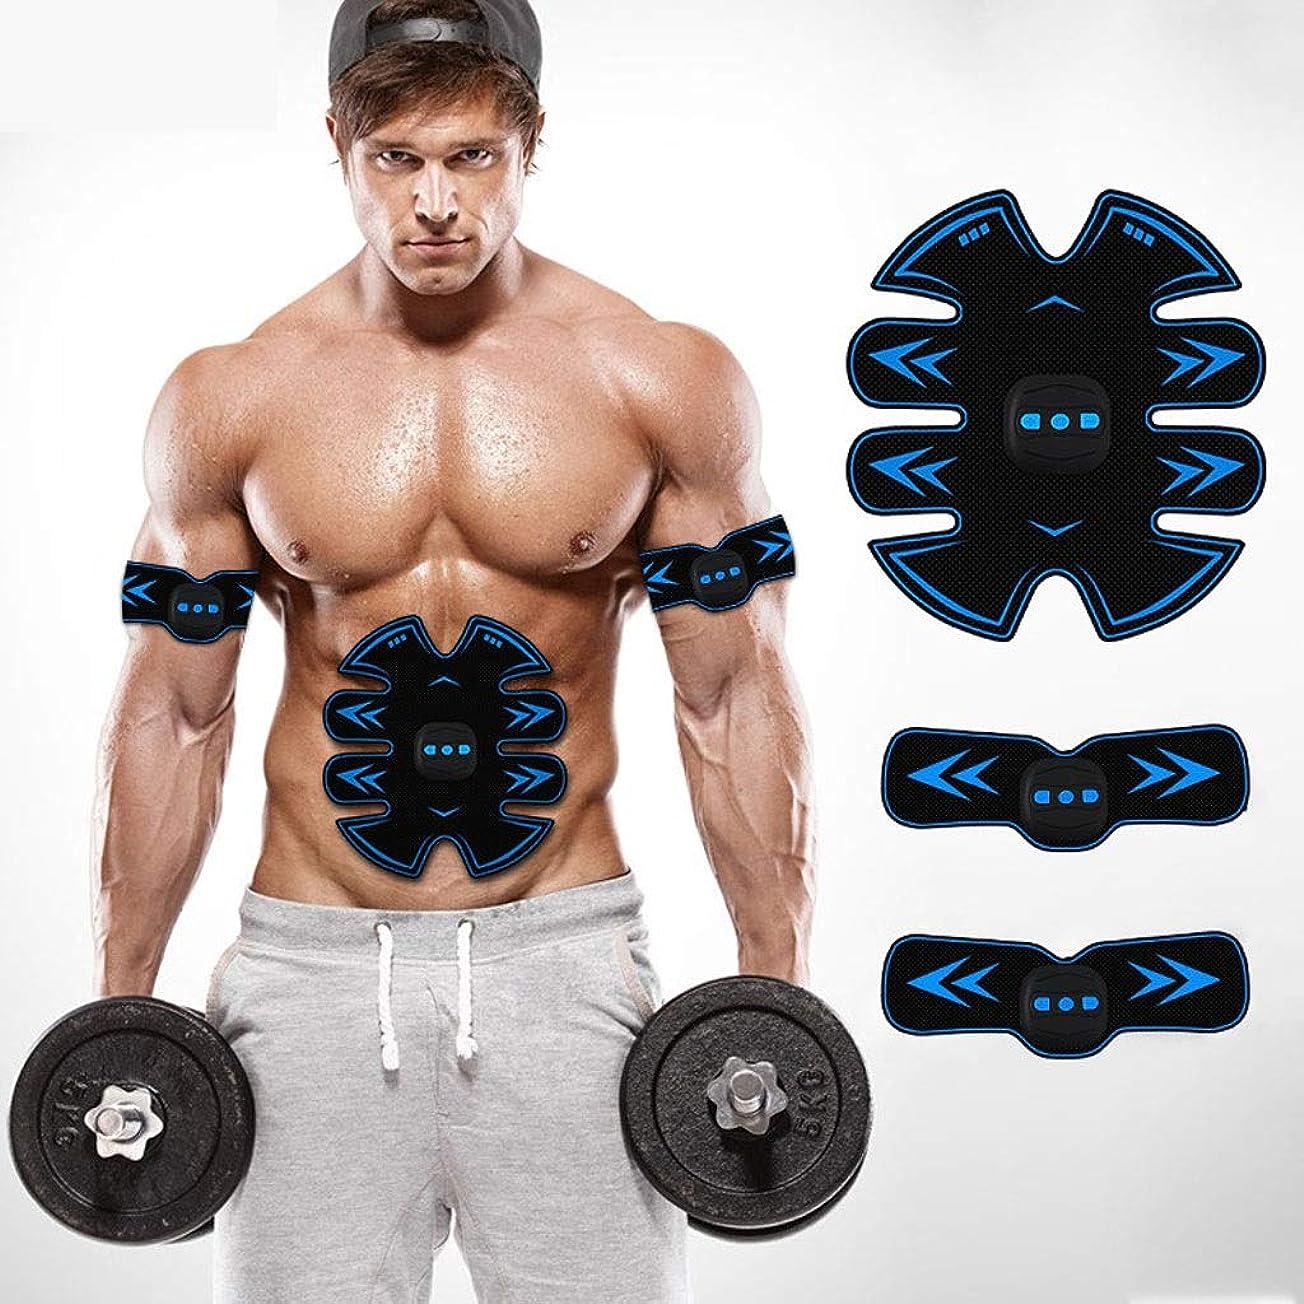 テセウス衝動ジムUsb充電筋肉トナーabs abシミュレータ腹部調色ベルトワークアウトワイヤレスEMSトレーニングホームオフィス用腹部腕脚トレーニングホームオフィス (Color : Blue)